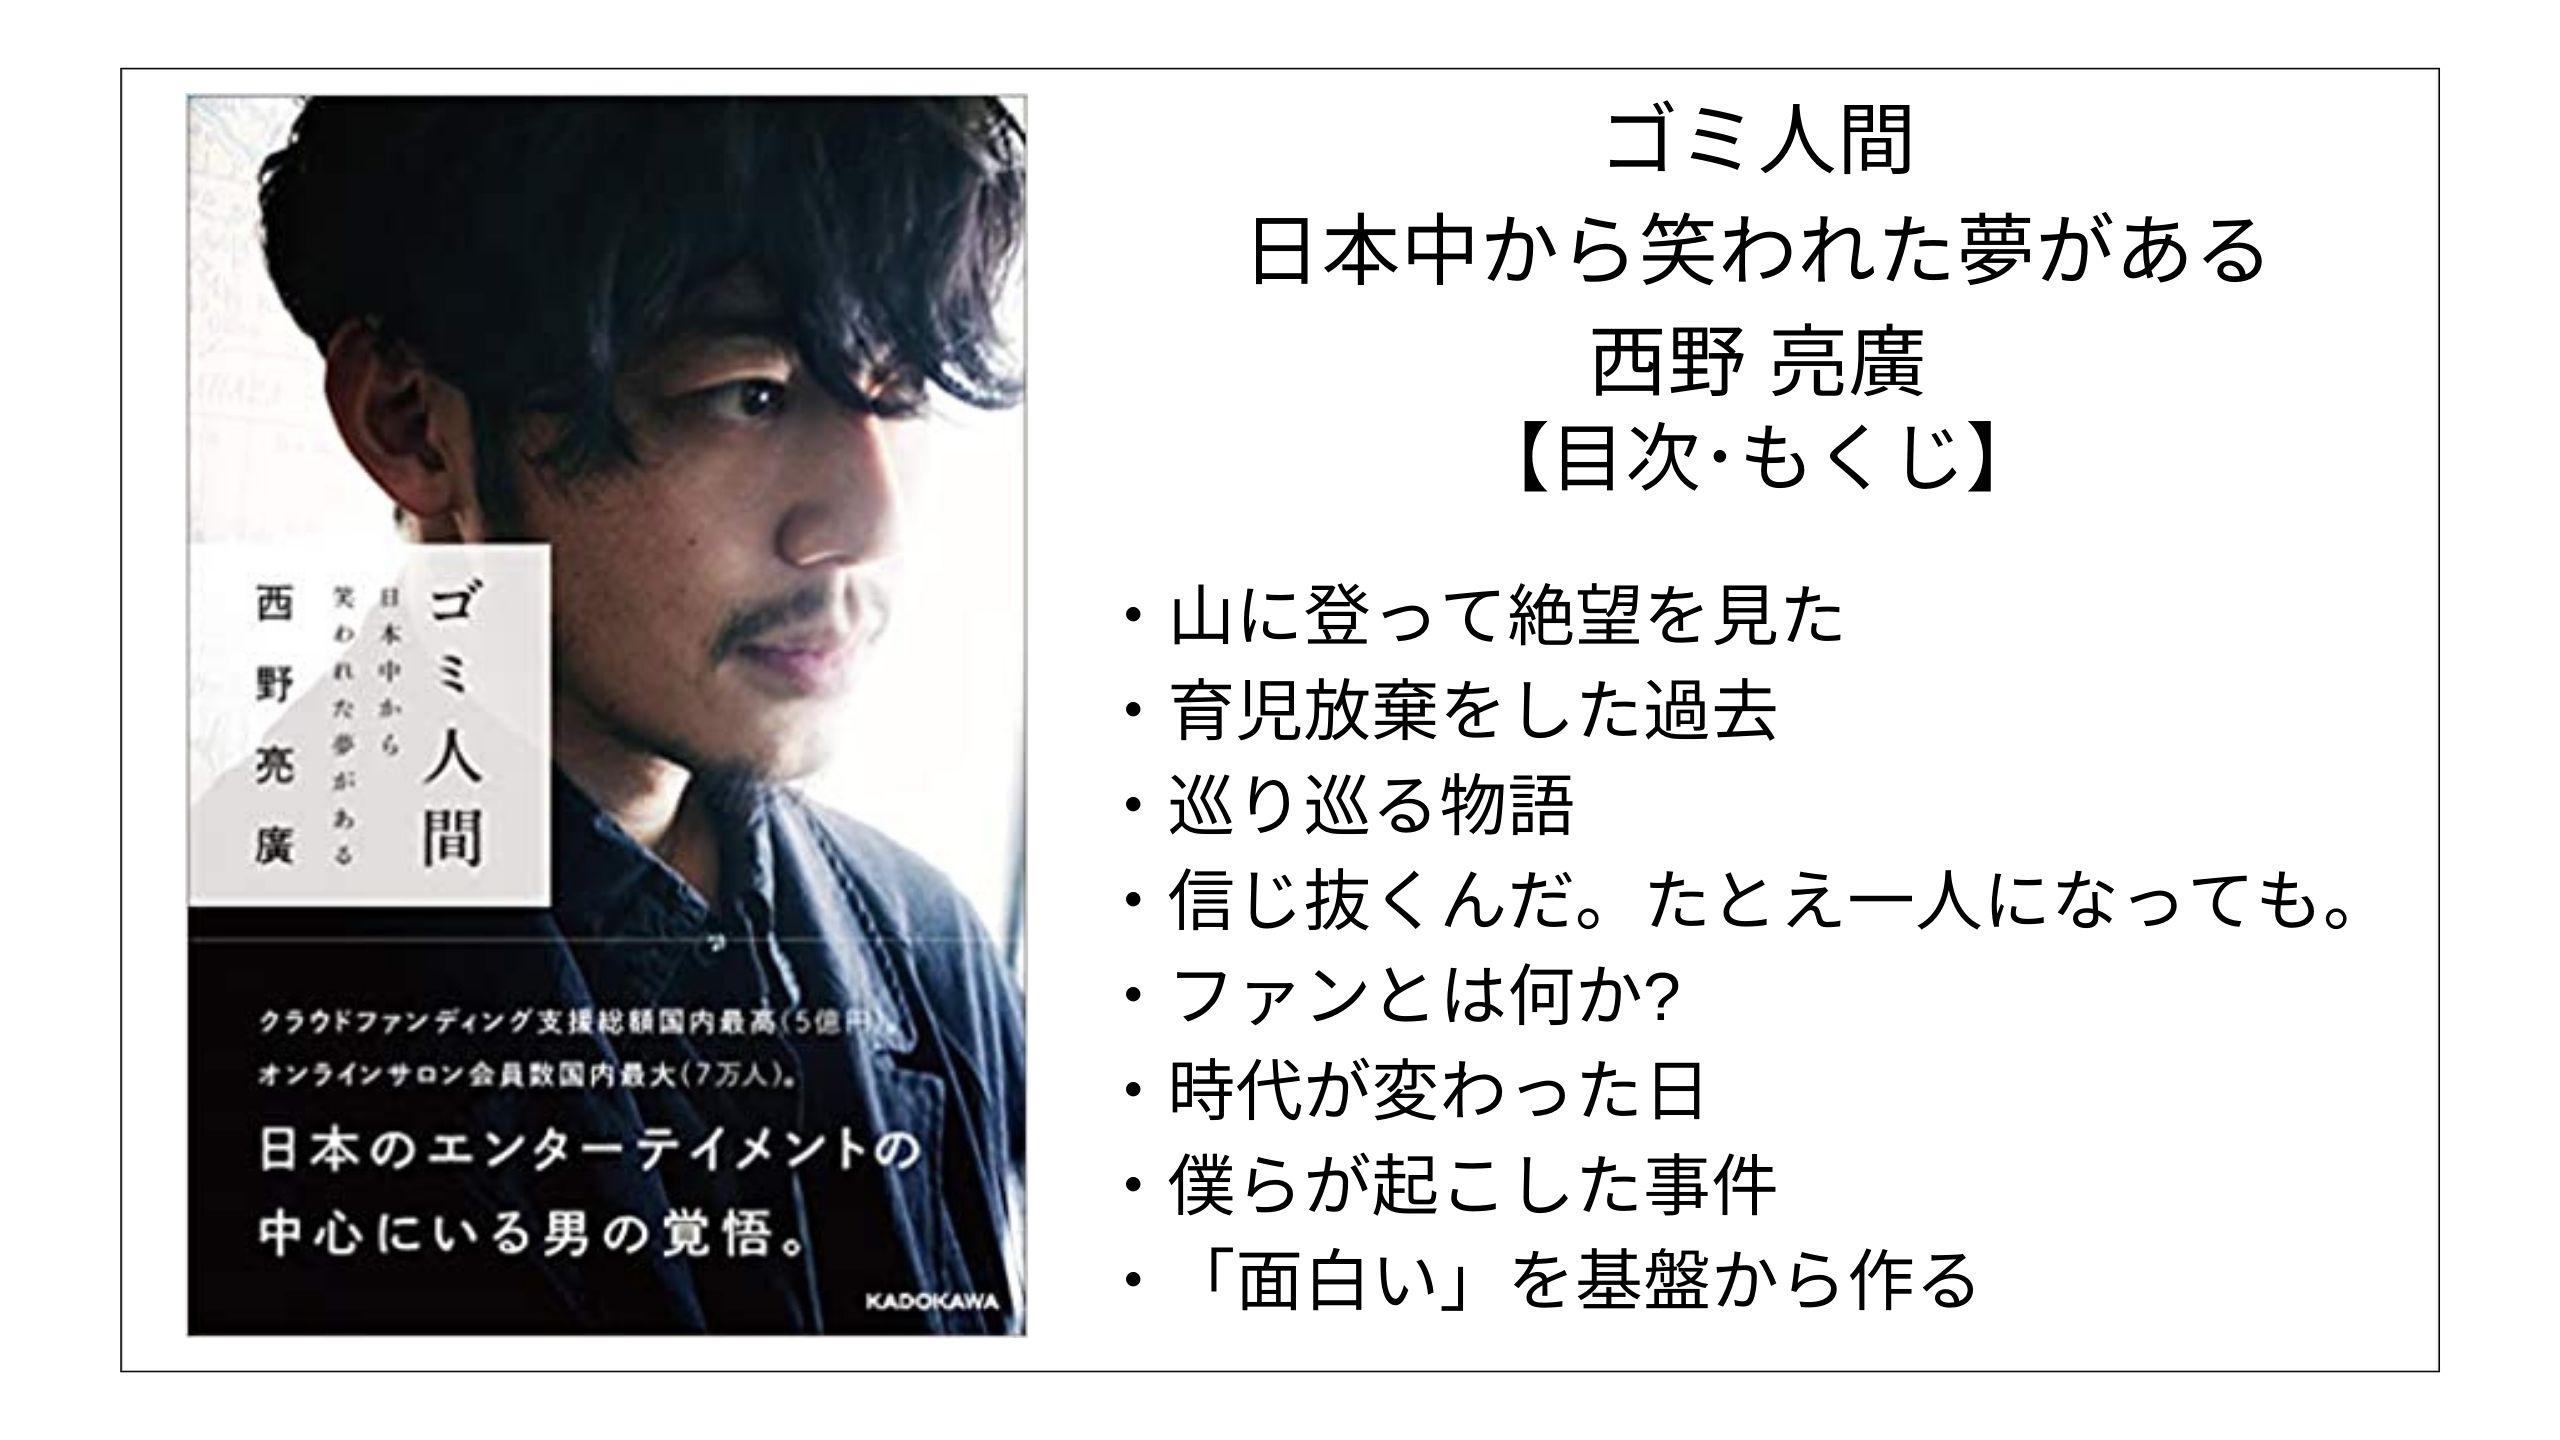 【目次】ゴミ人間 日本中から笑われた夢がある / 西野 亮廣【要点】 モクホン 本の目次を読むサイト